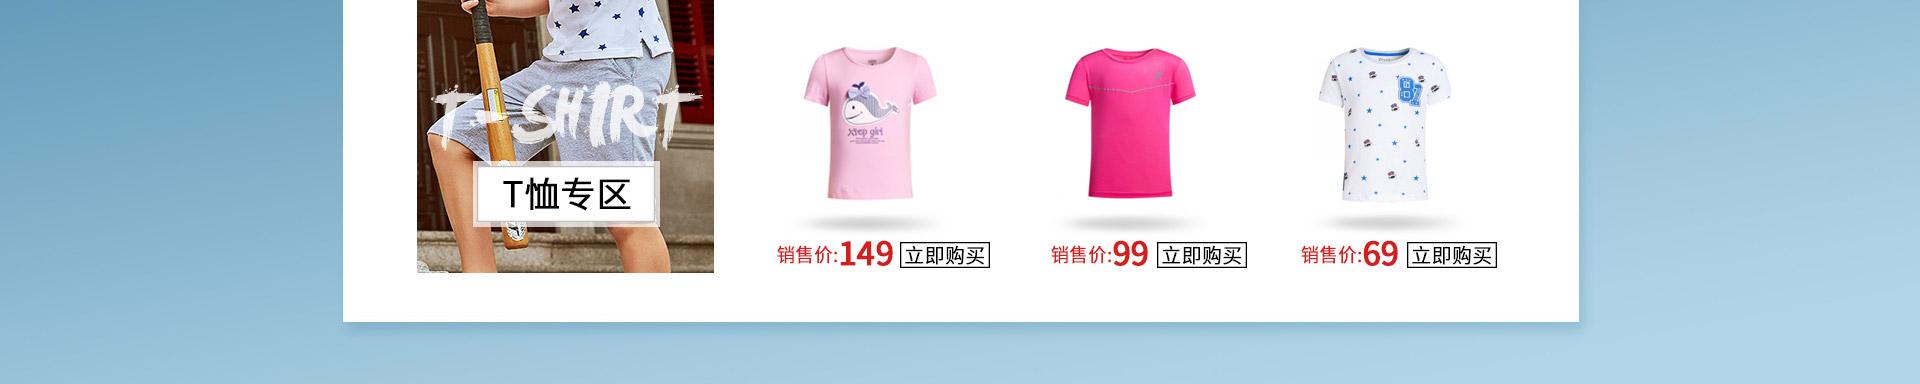 特步儿童夏季短袖T恤